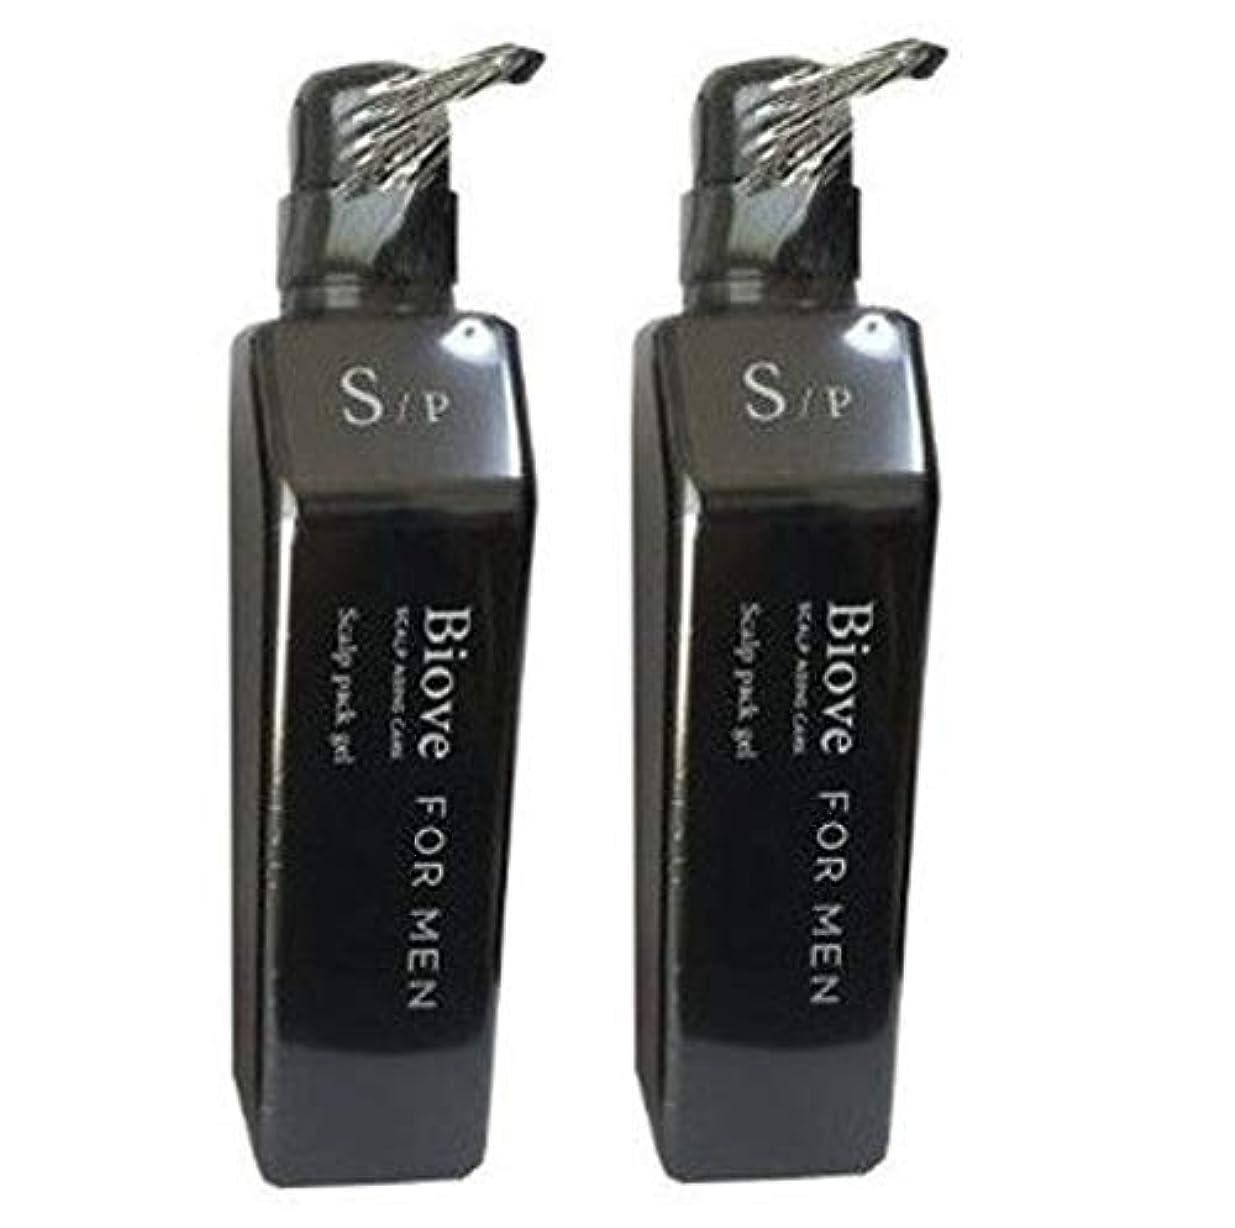 オンセンチメンタル圧力2本セット デミ ビオーブ フォーメン スキャルプ パックジェル 550g